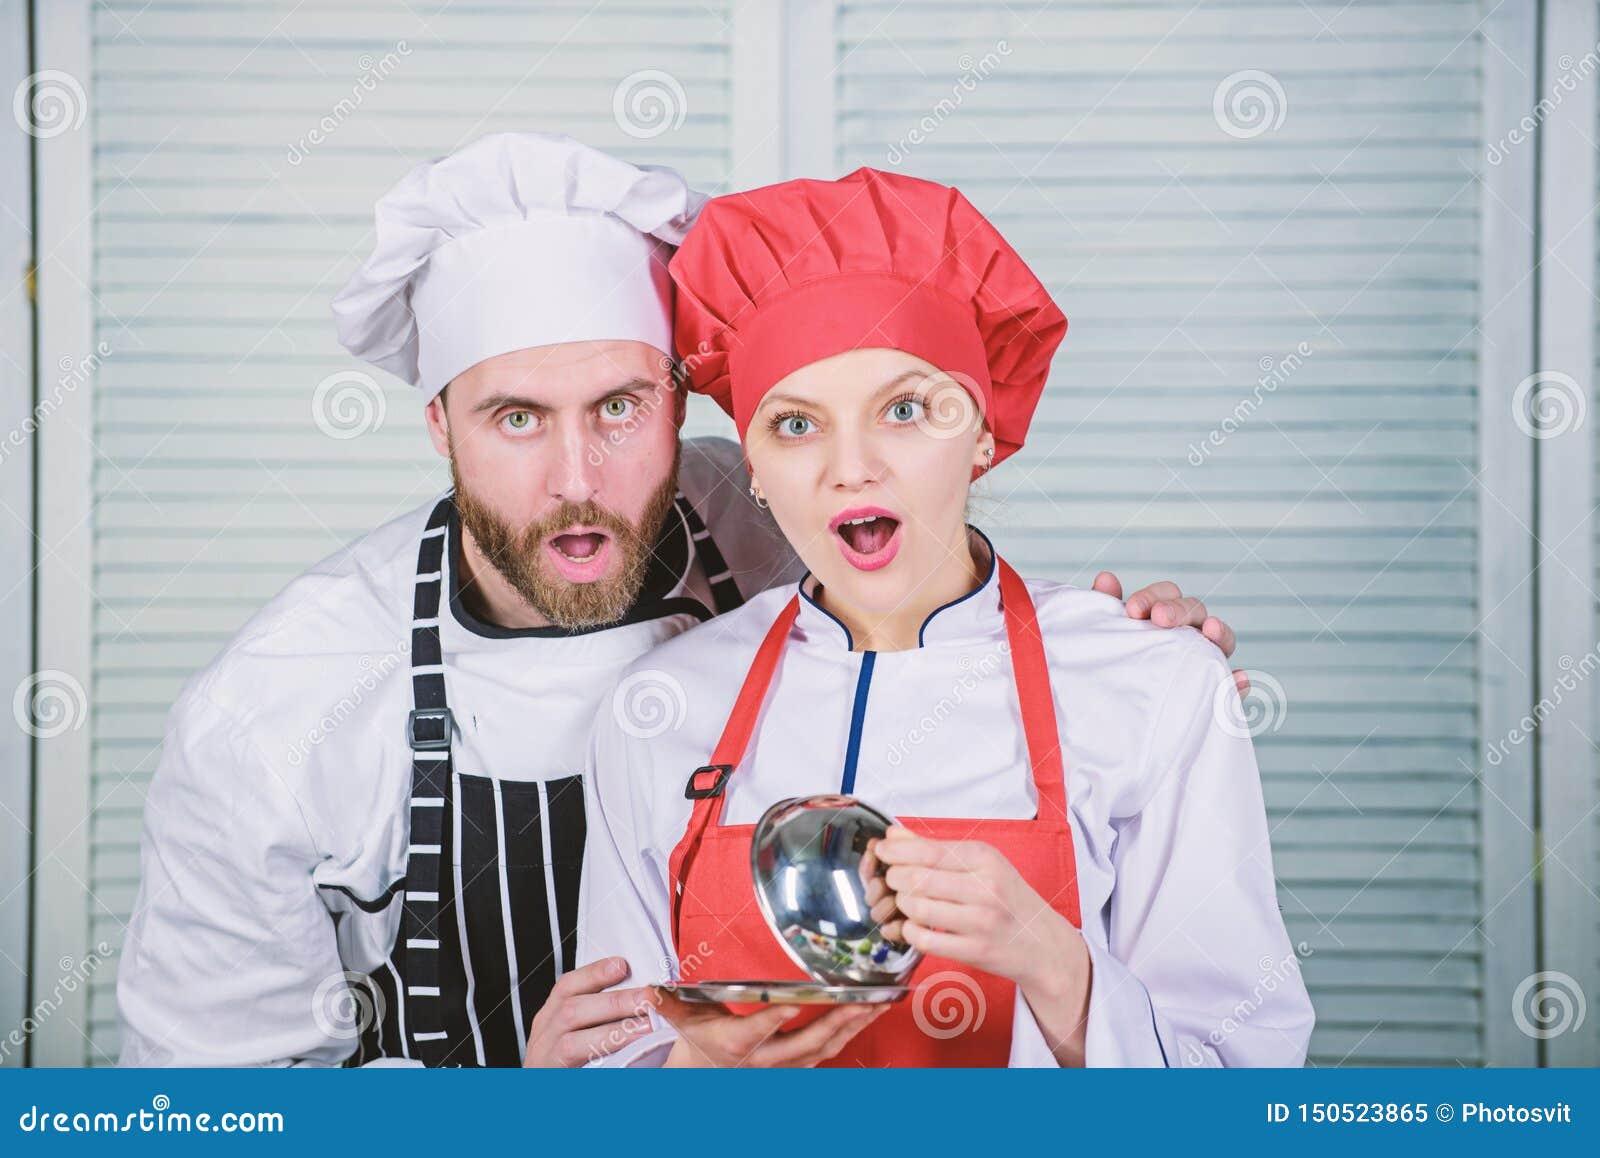 Geheim ingredi?nt door recept Eenvormige kok paar in liefde met perfect voedsel Menu planning culinaire keuken Familie